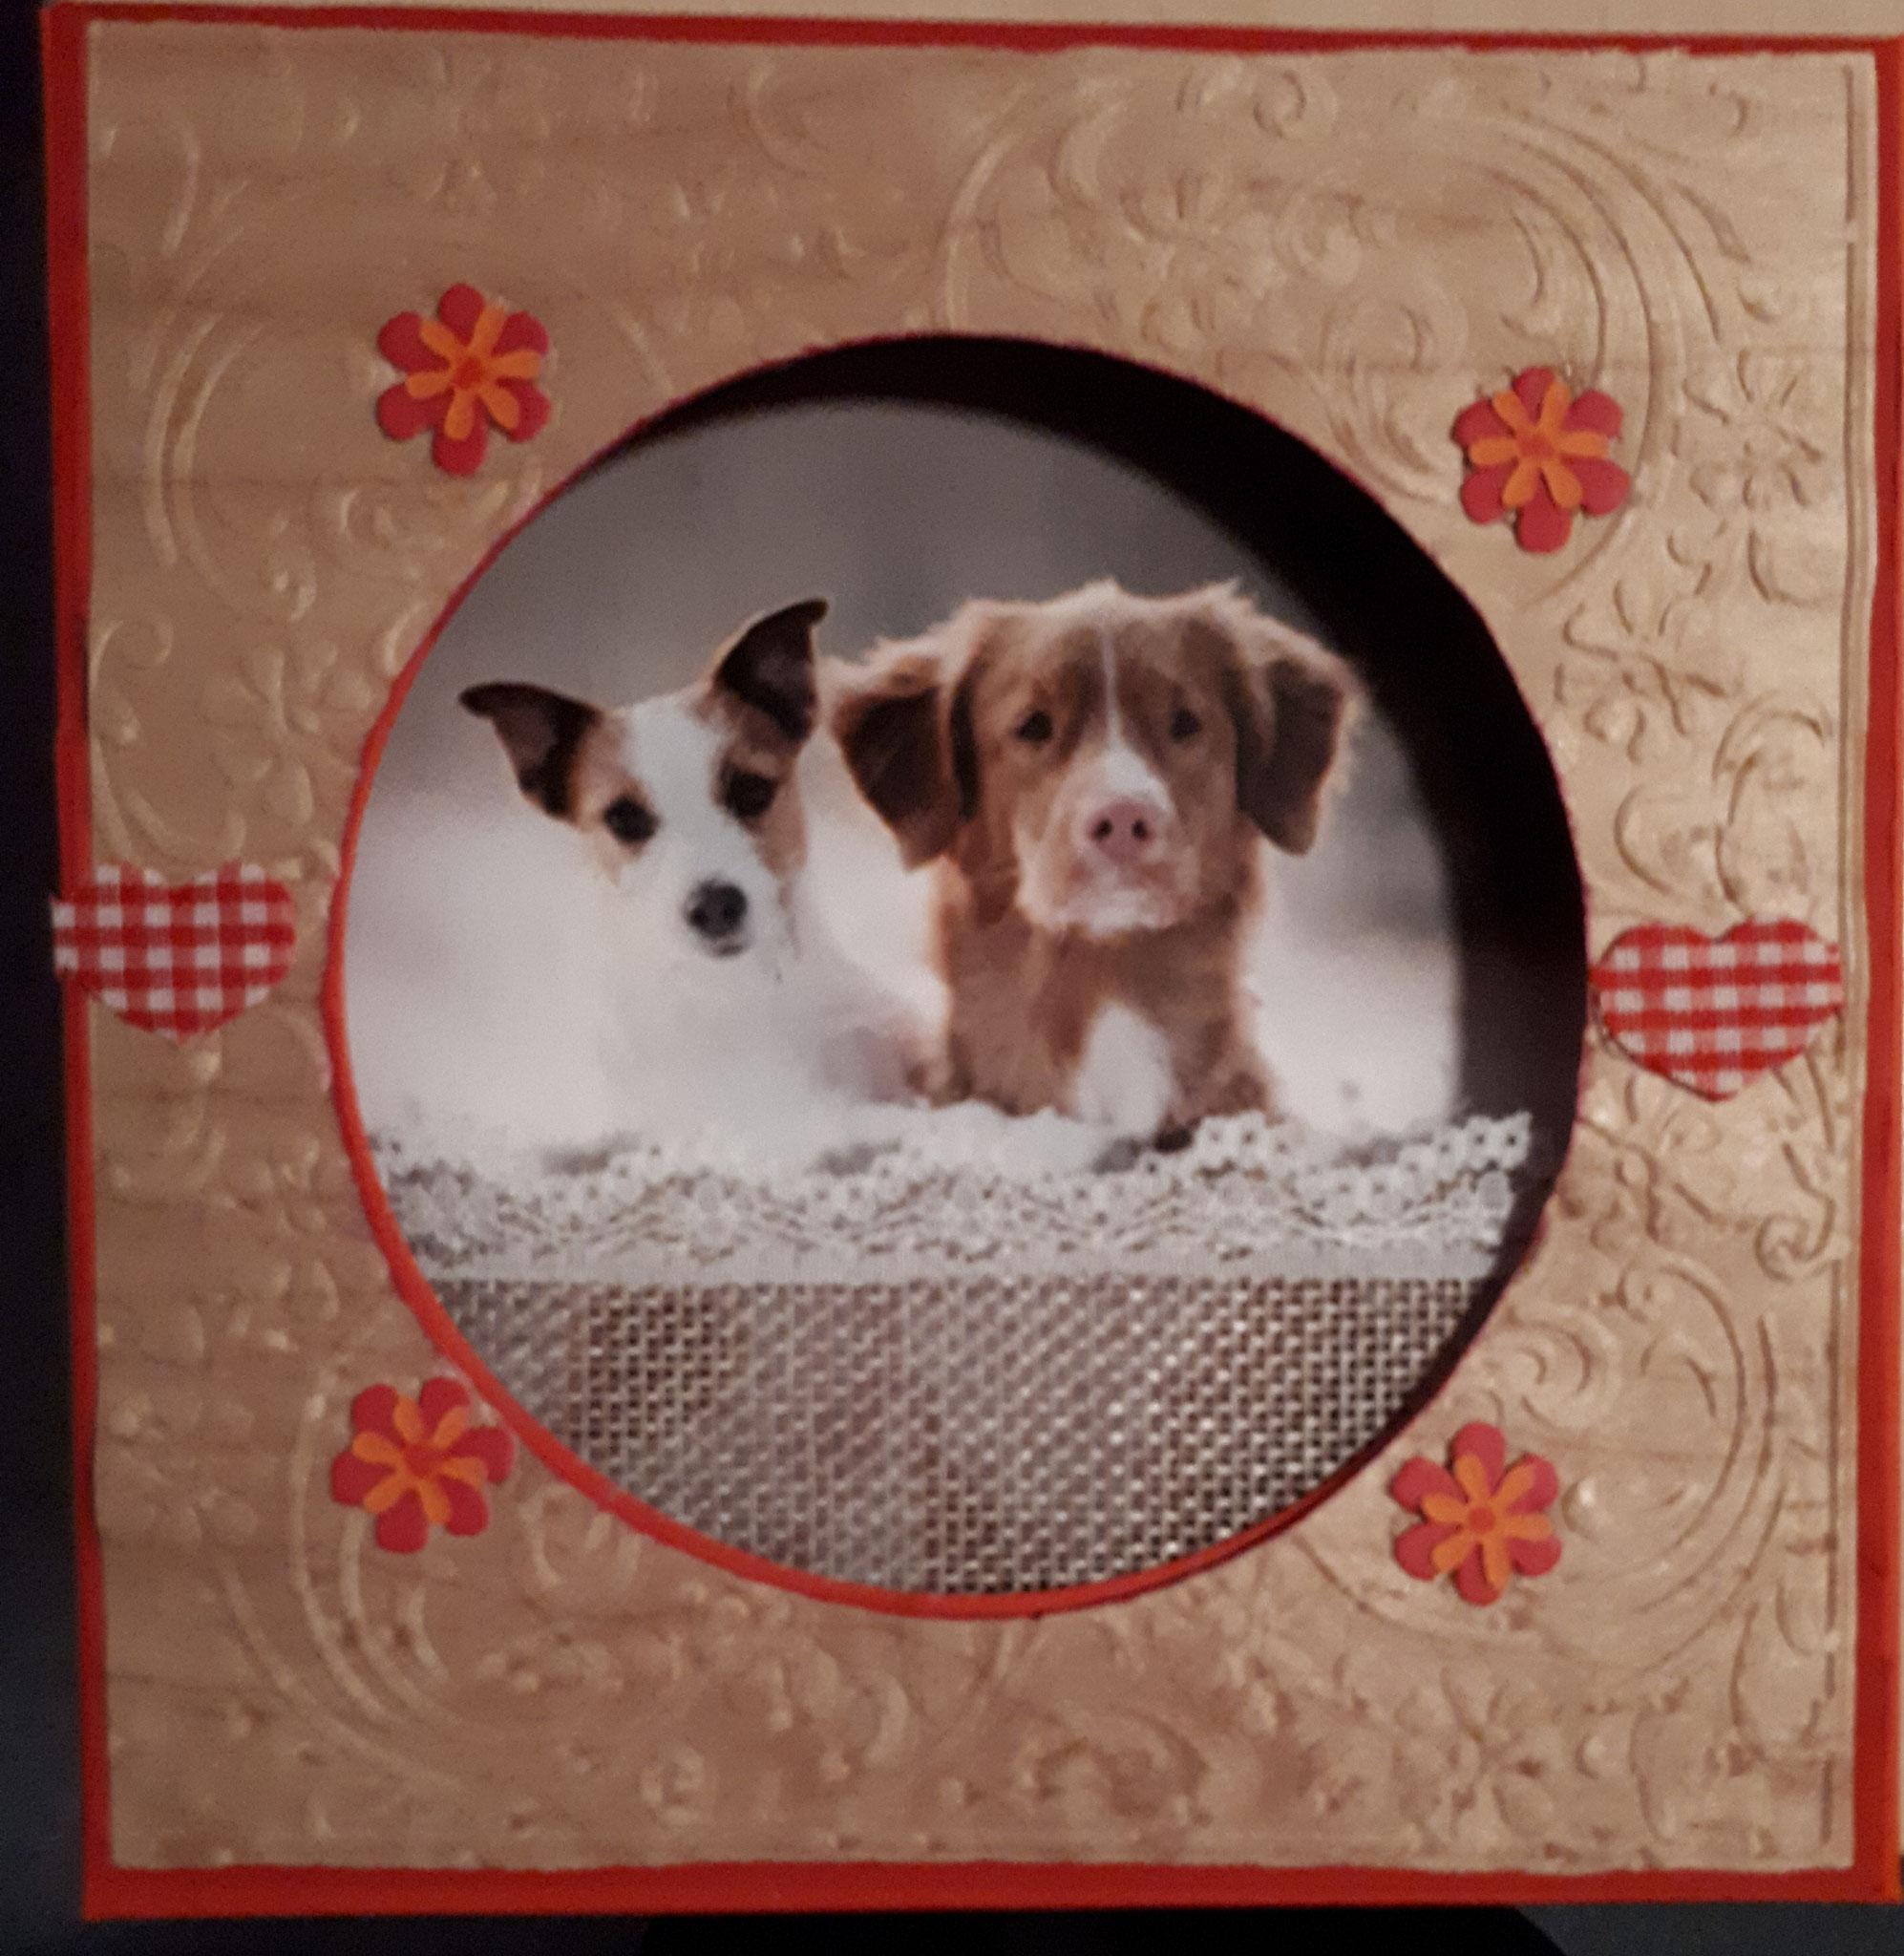 verkauftFür Hundeliebhaber Bilderrahmen zum Hinstellen  mit geprägtem Holz